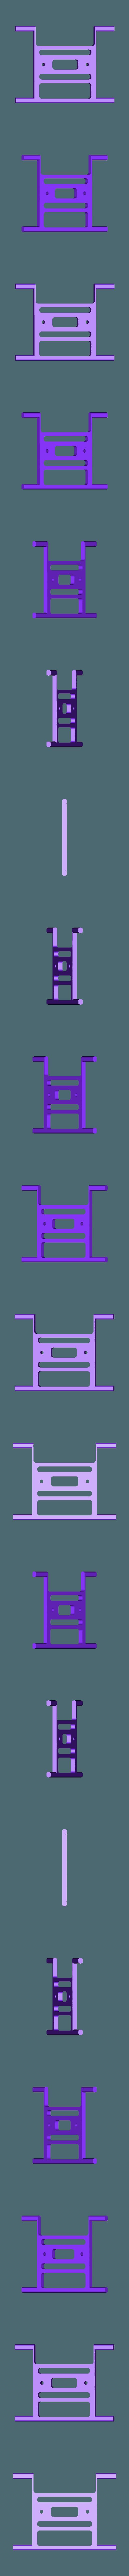 Fan_Connector_v4-1.STL Télécharger fichier STL gratuit Montage de l'extrudeuse à réservoir (RigidBot, E3Dv6, Printrbot Gear Head) • Plan imprimable en 3D, WalterHsiao